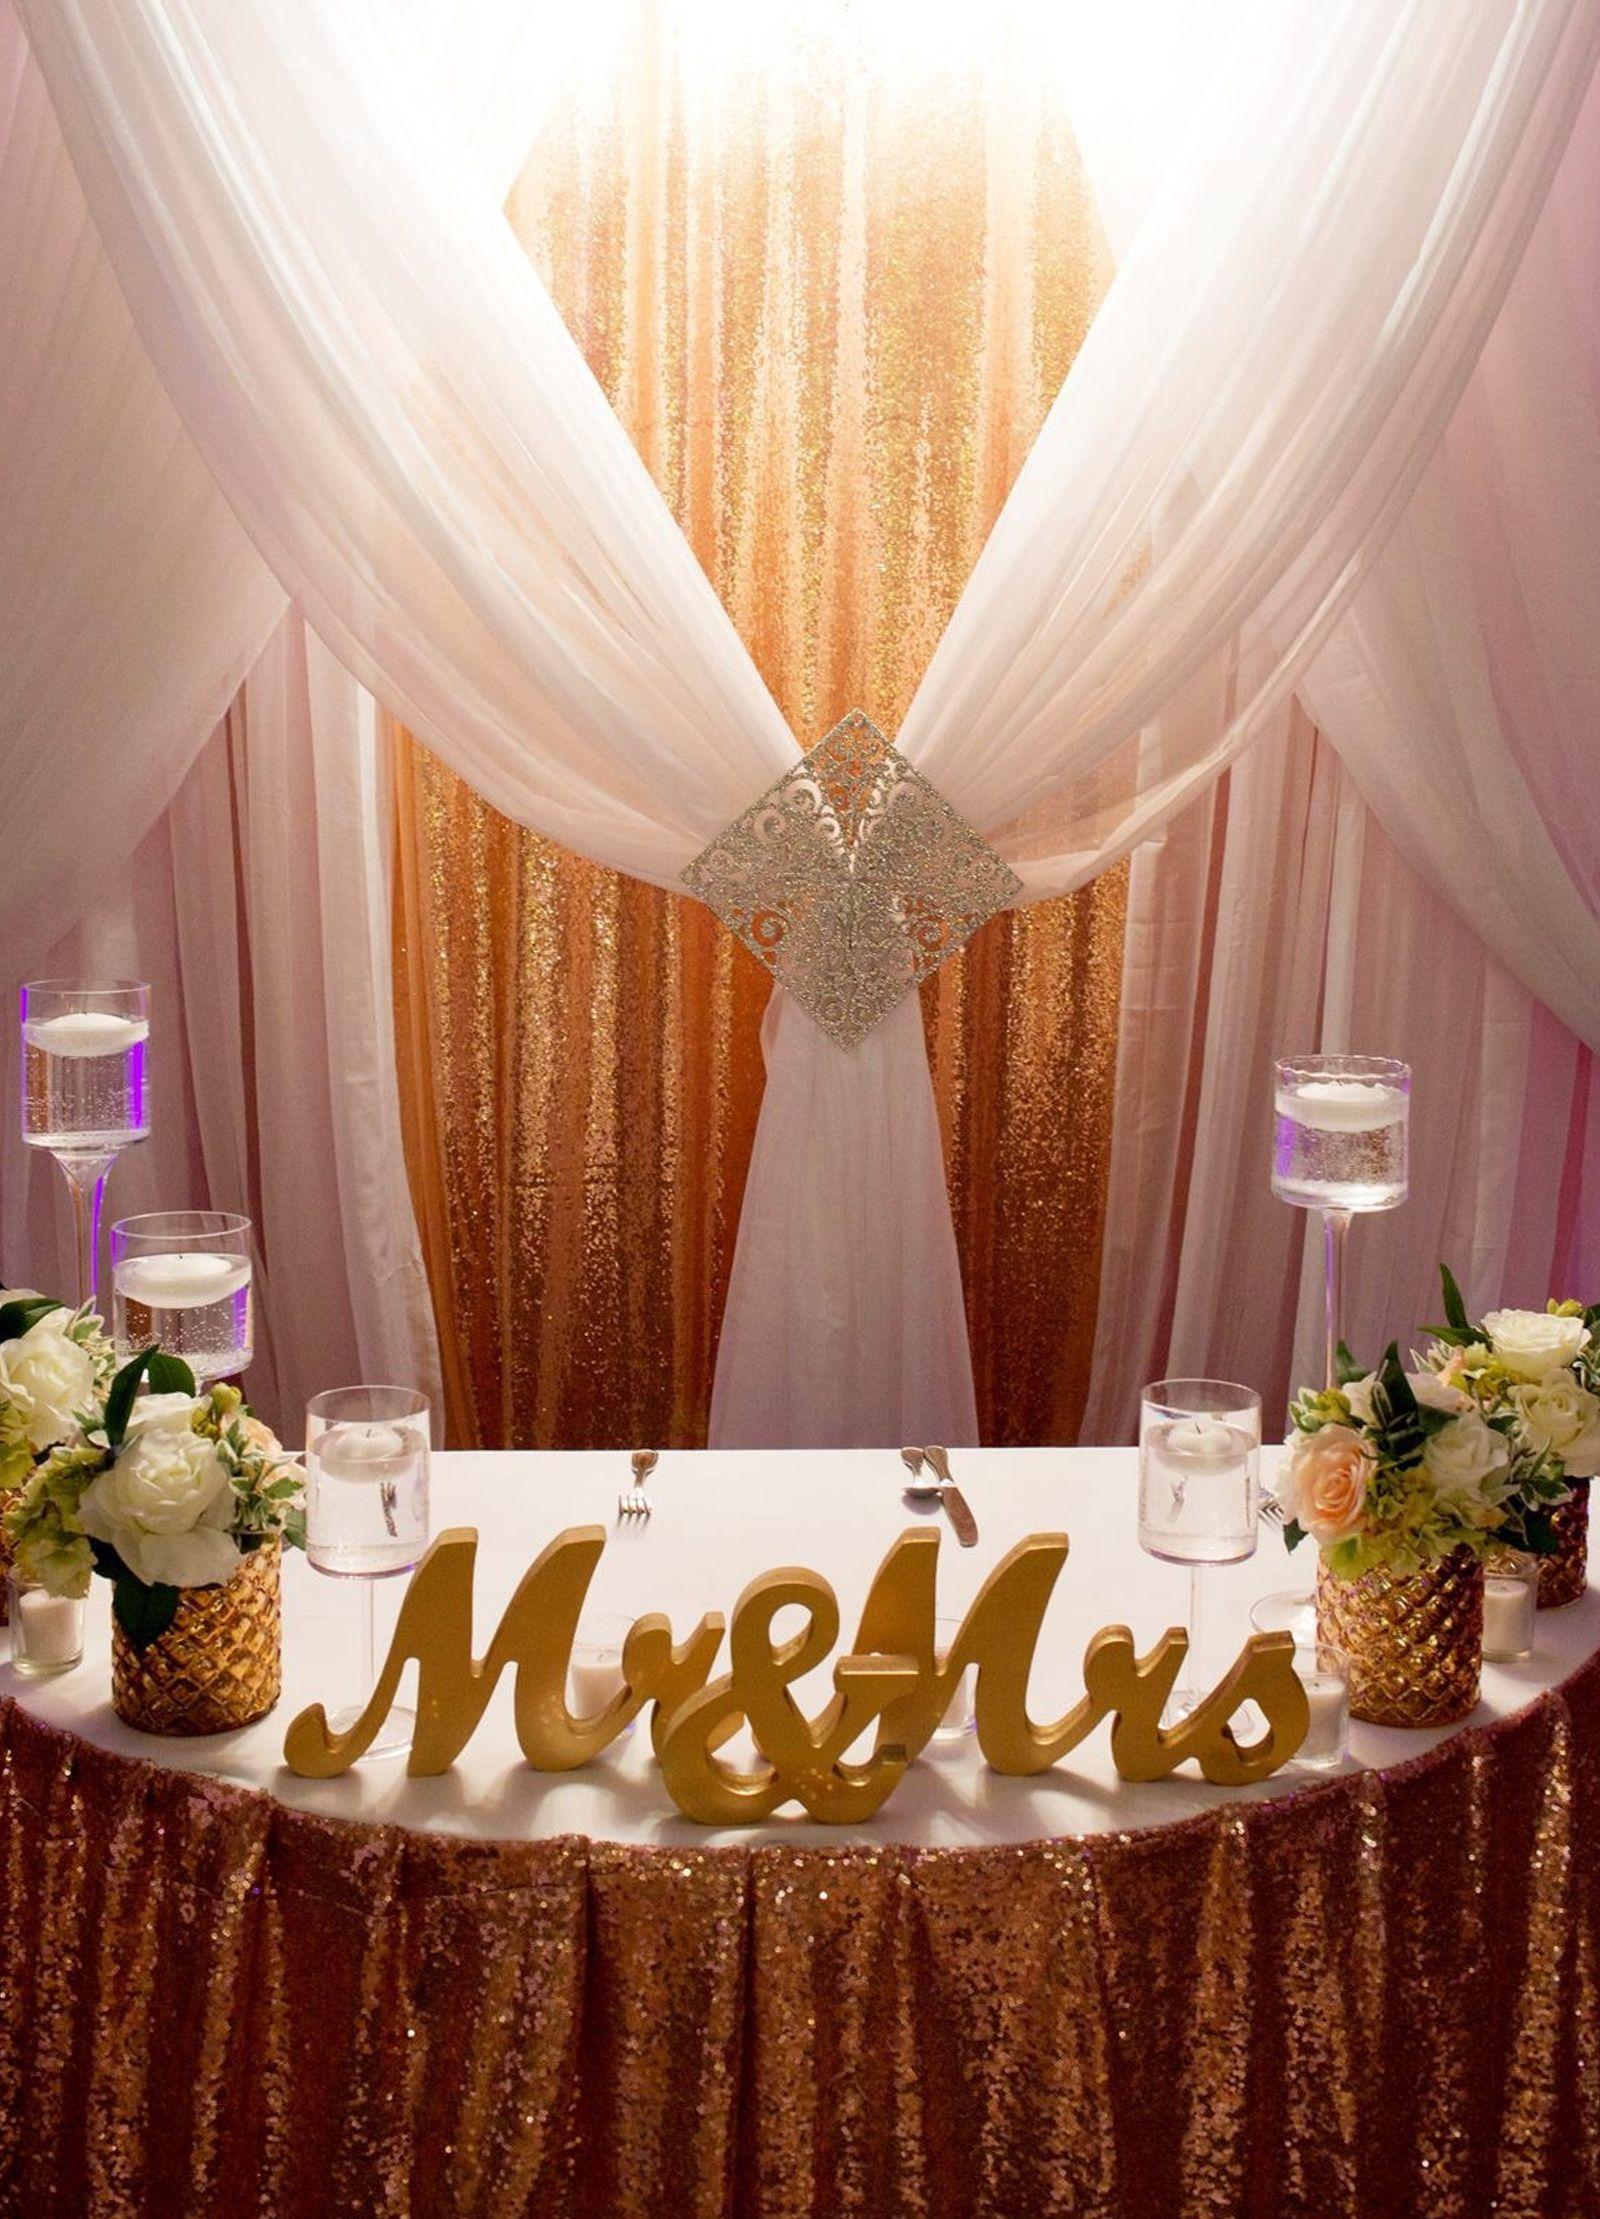 Disneyland photos disneyland paris bride groom table grooms table - Mr Mrs Wedding Table Signs